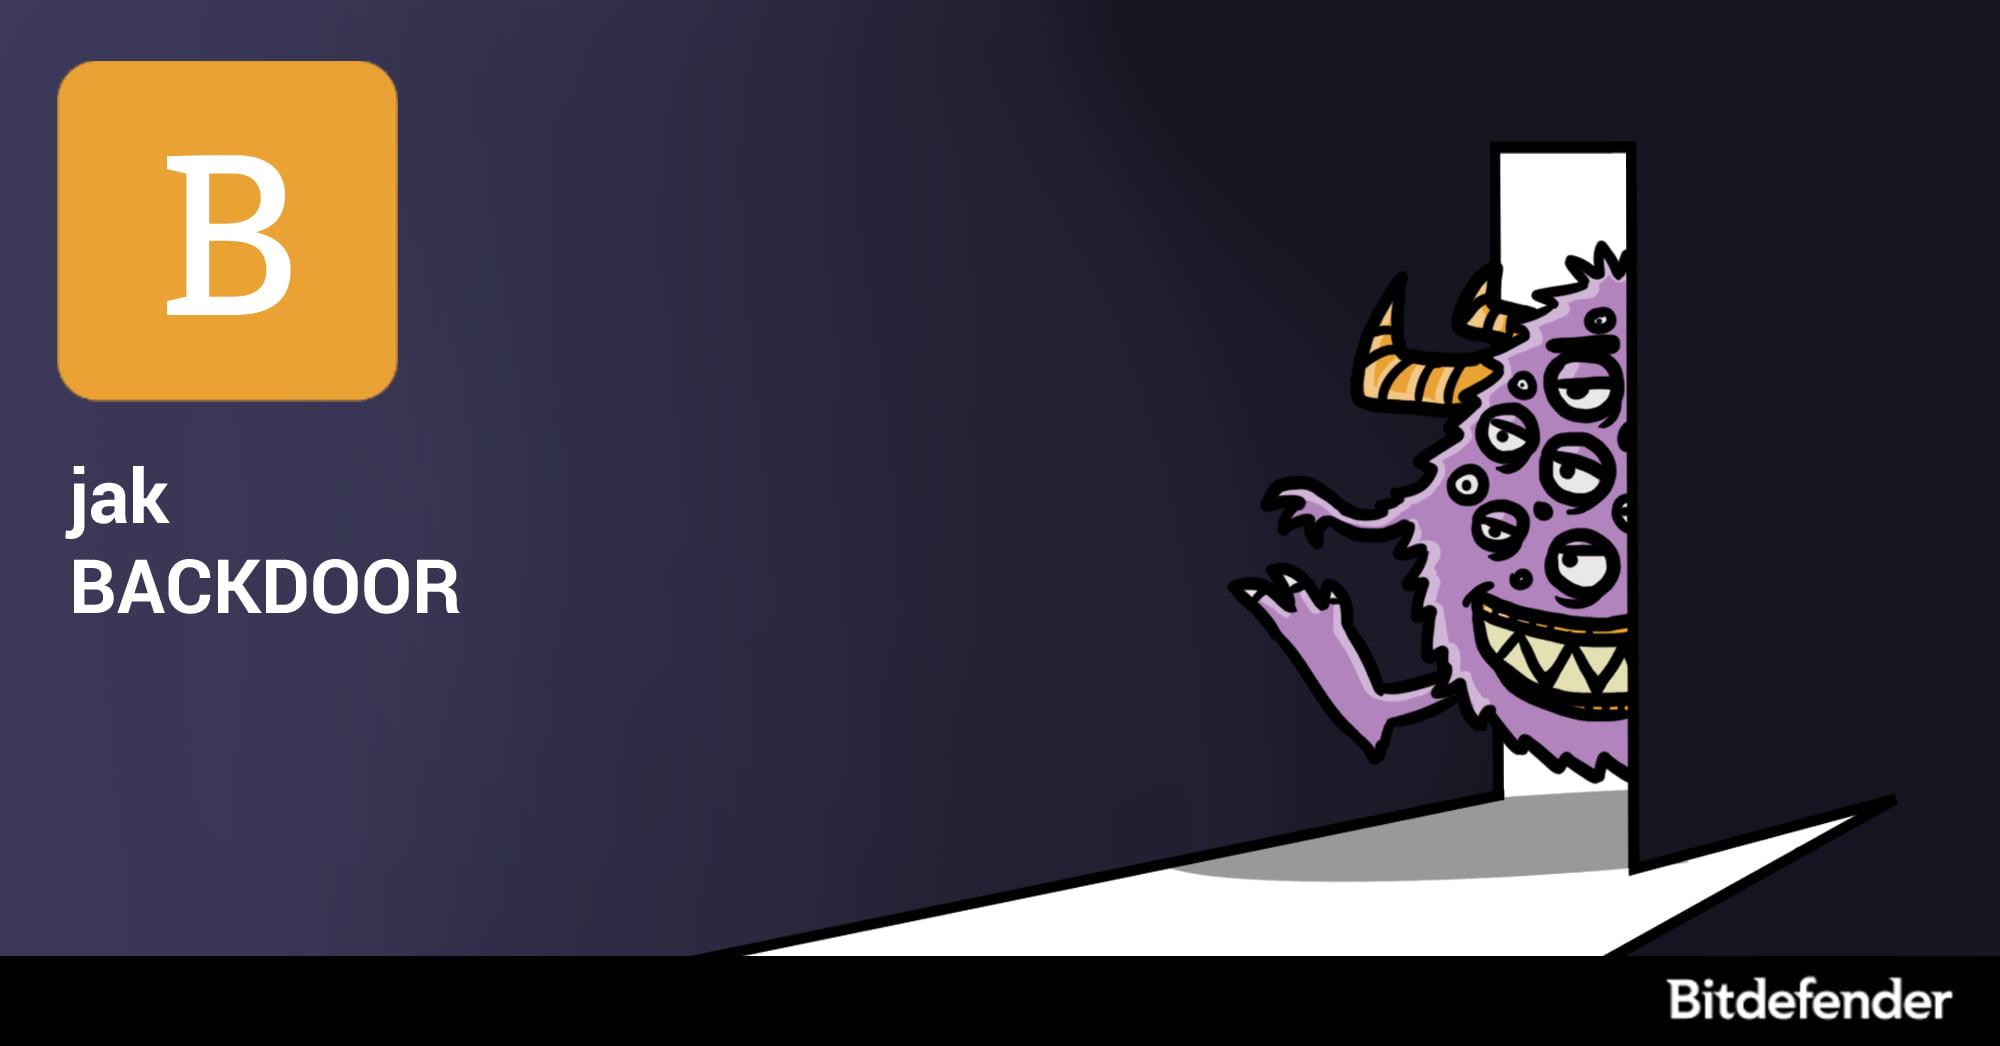 b-jak-backdoor